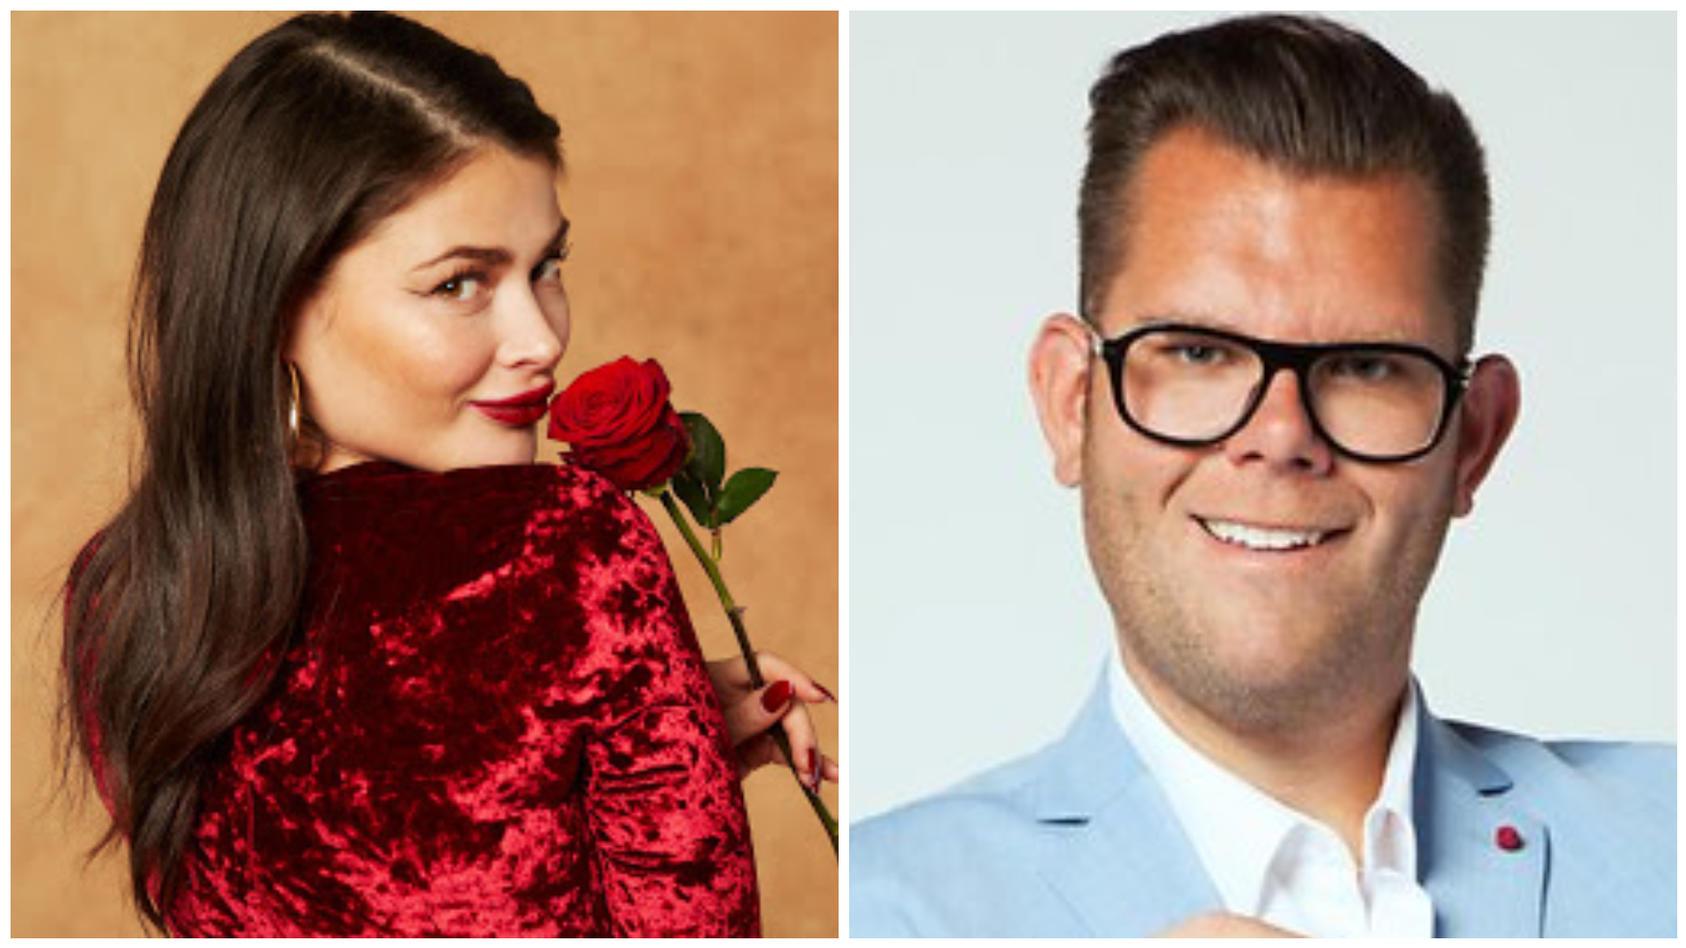 Bachelor-Kandidatin Stefanie Desiree und Dennis Schick sollen eine Affäre gehabt haben